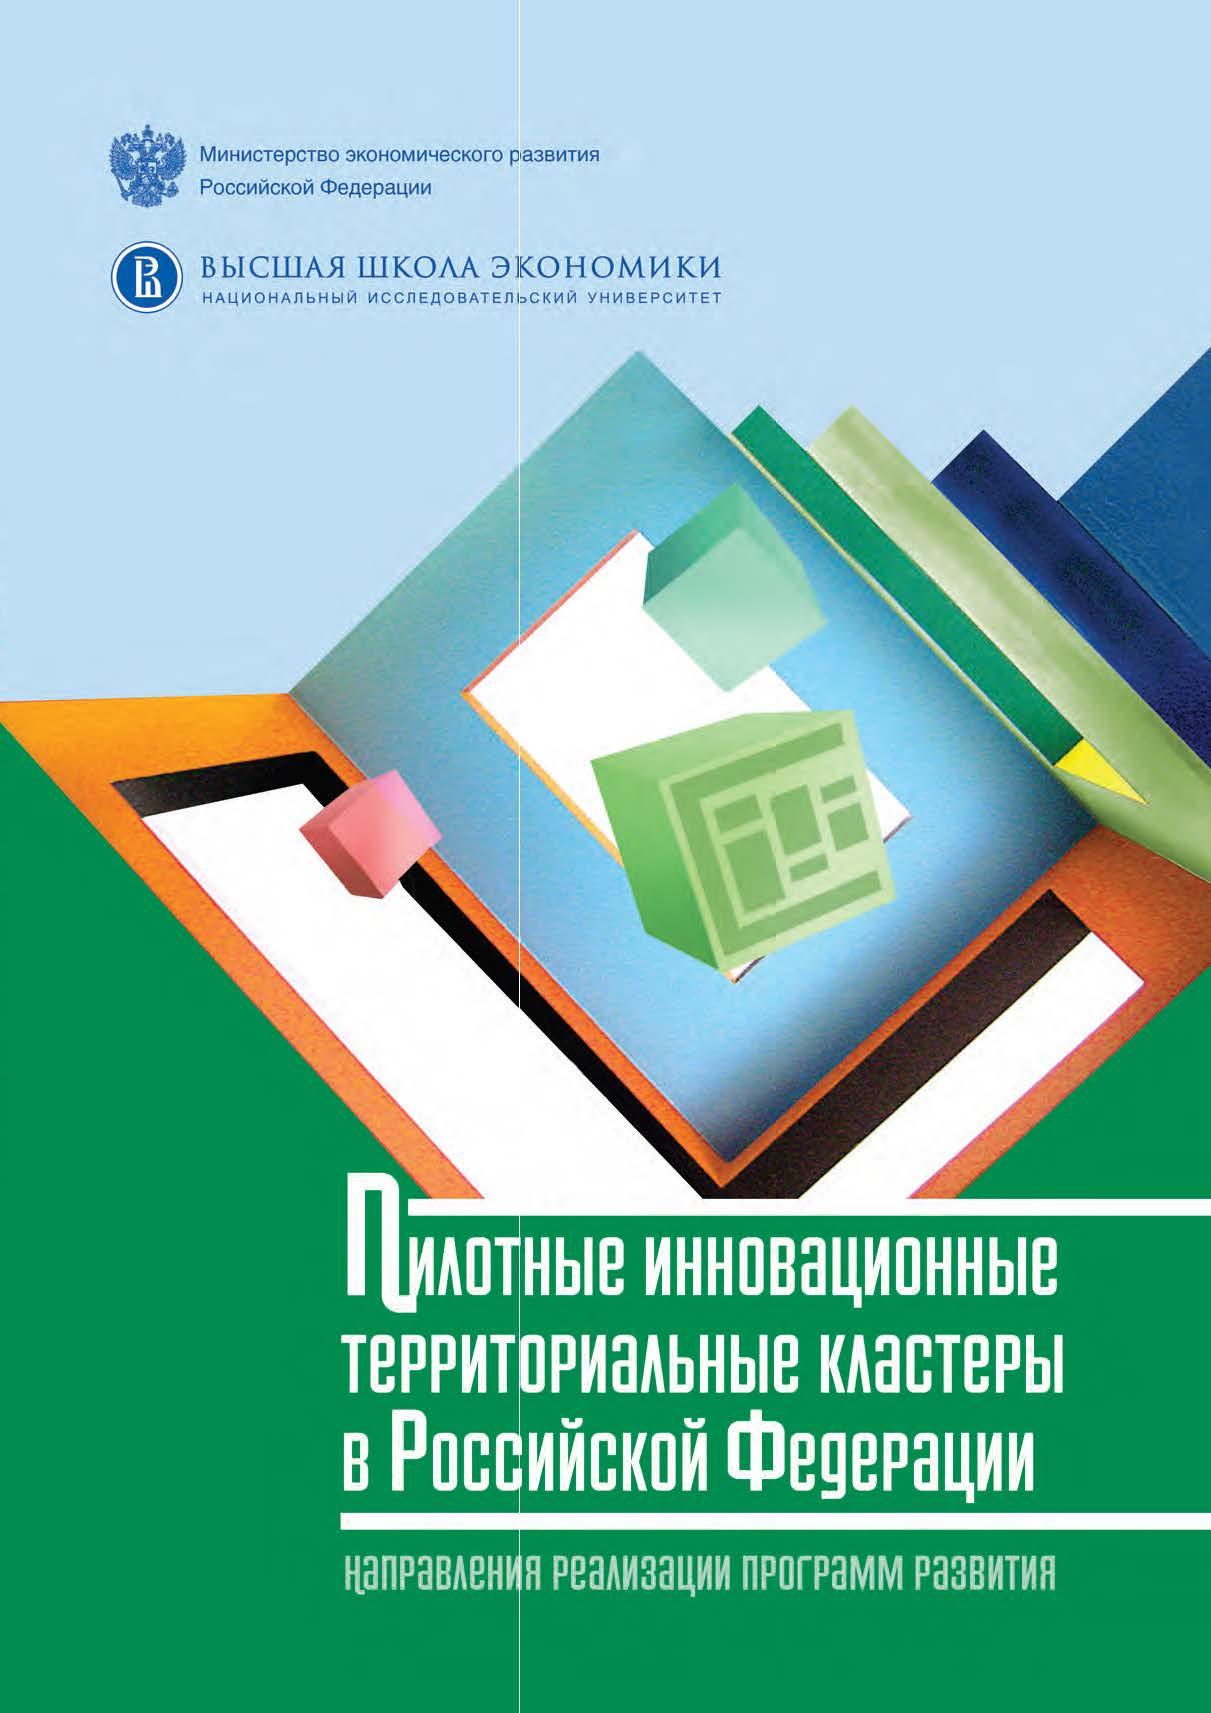 Пилотные инновационные территориальные кластеры в Российской Федерации: направления реализации программ развития